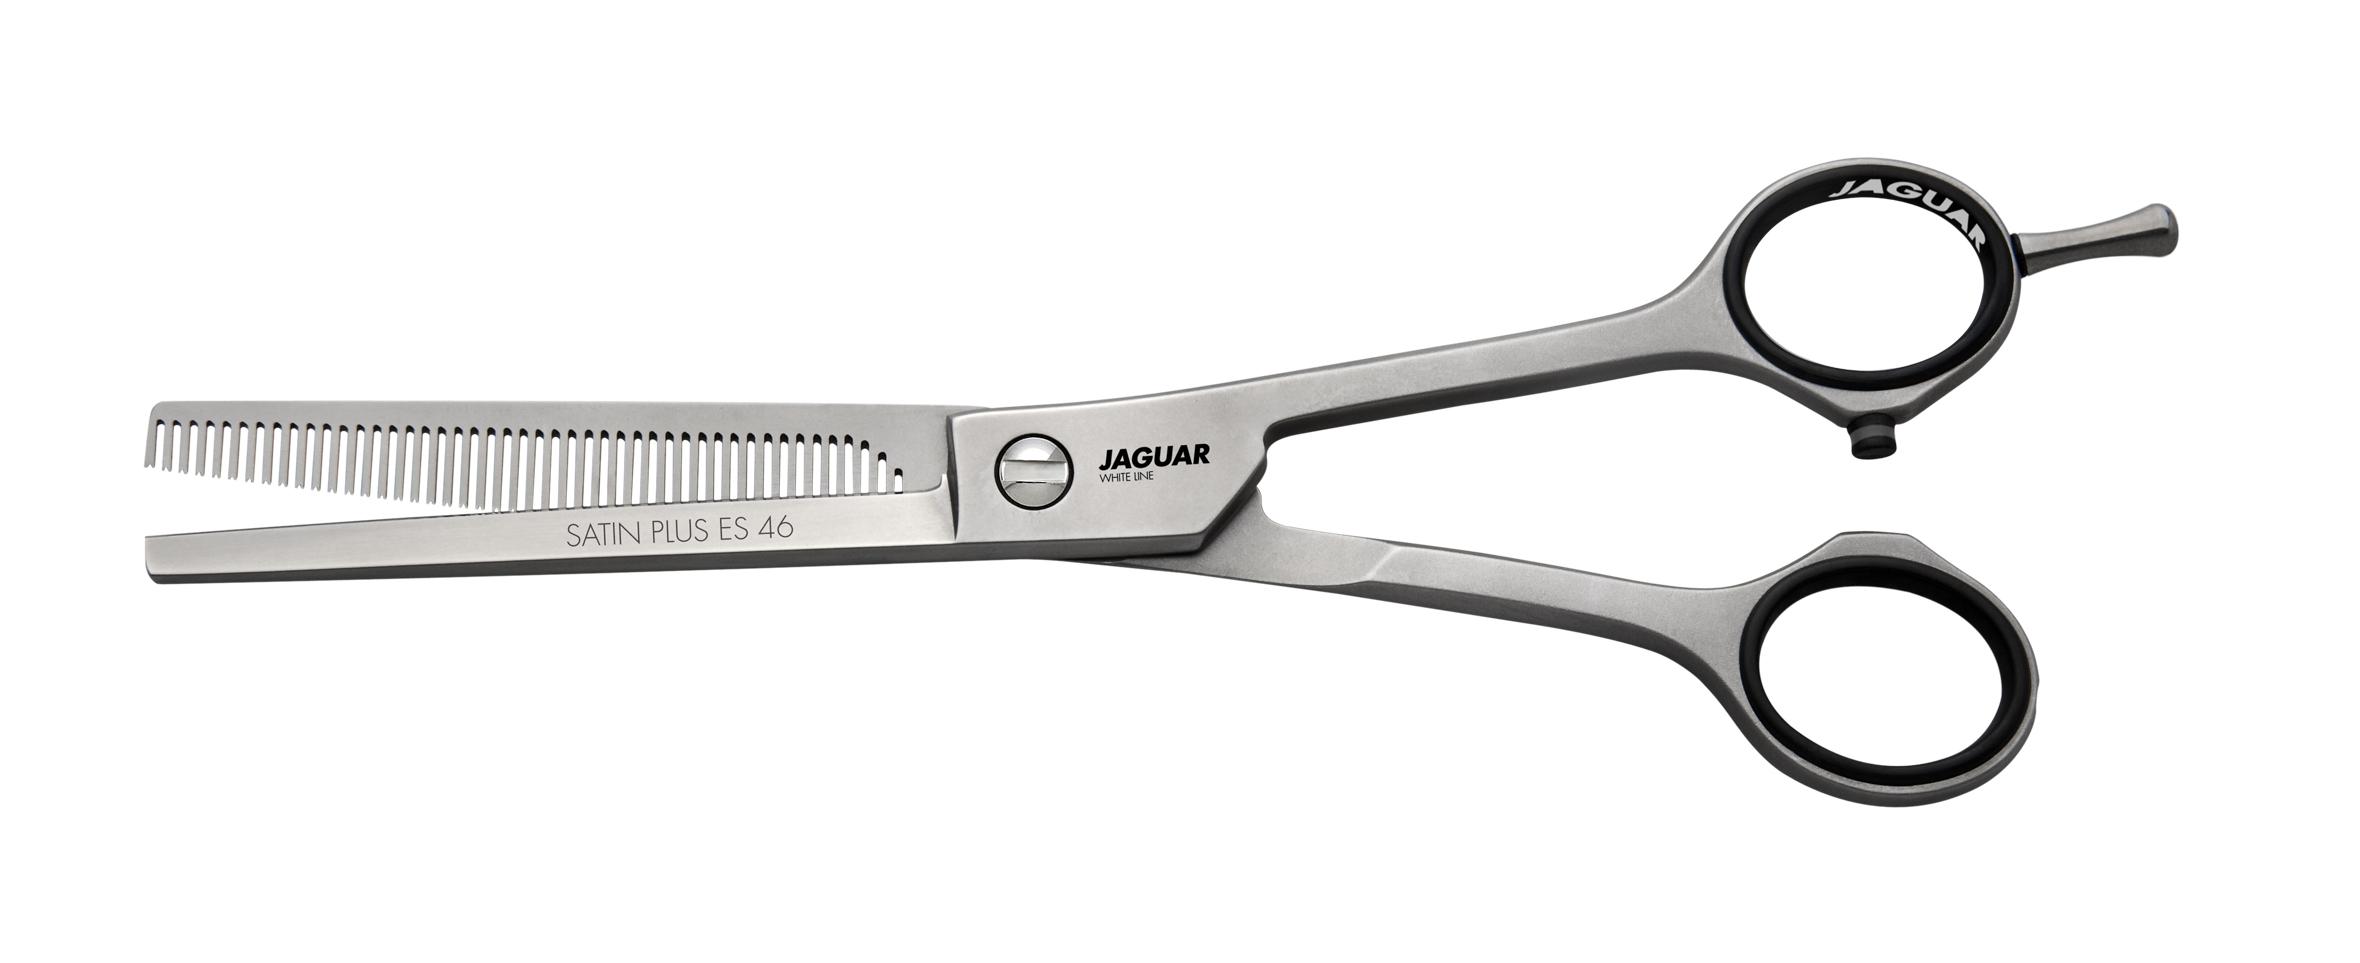 """JAGUAR Ножницы Jaguar Satin Plus ES 46 фил.6,5(16,5cm)WLНожницы <br>SATIN PLUS ES 46 6.5"""" = 16.5 cm Филировочные ножницы с 46 высокоточными зубцами призматической формы обеспечивают приятное чувство мягкости хода и точный срез волос. Классический дизайн обеспечивает традиционное ощущение при стрижке. Длинна полотен ножниц: 16.5 см.<br><br>Класс косметики: Профессиональная"""